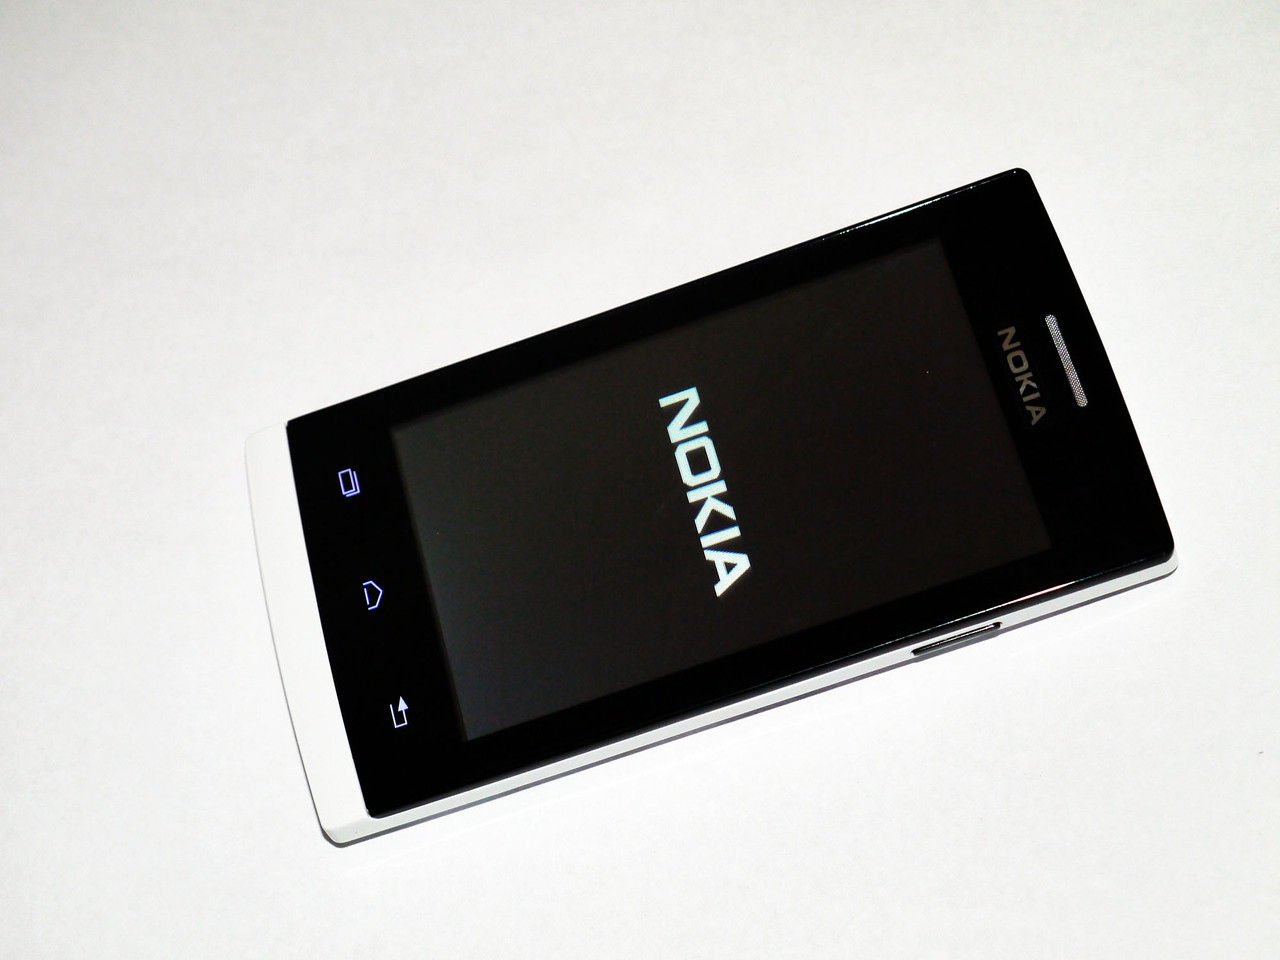 Телефон Nokia Lumia 630 Белый - 2Sim+ Чехол